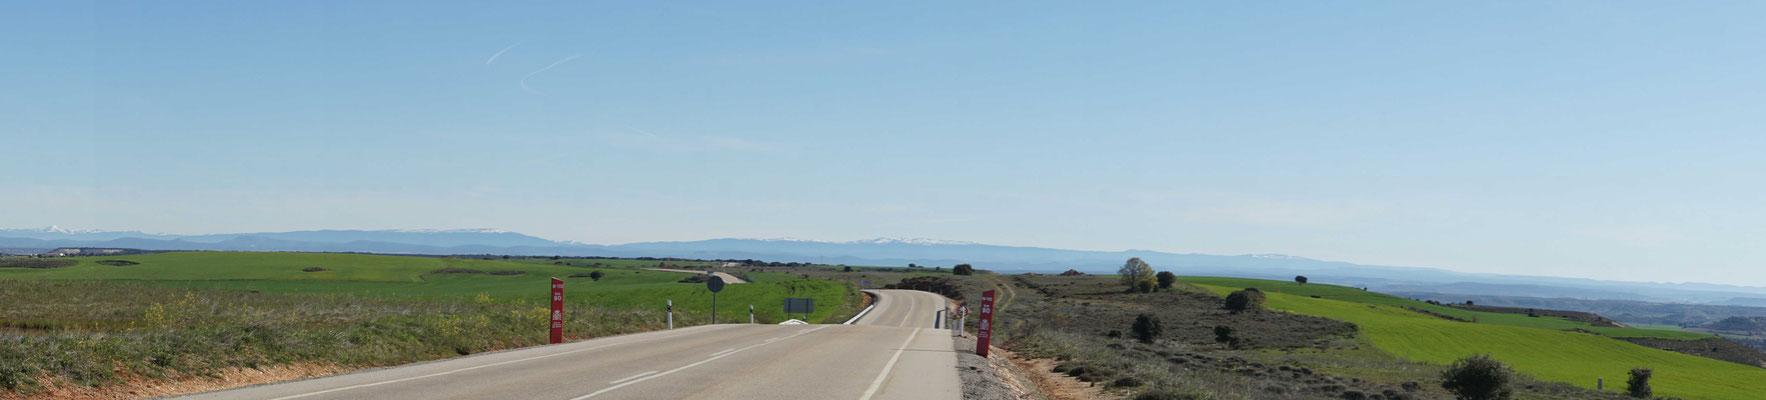 Unterwegs - am Horizont die Pyrenäen, die ich dann noch zu knacken haben, wenn ich nach Andorra hoch bzw. von Andorra nach Perpignan will...